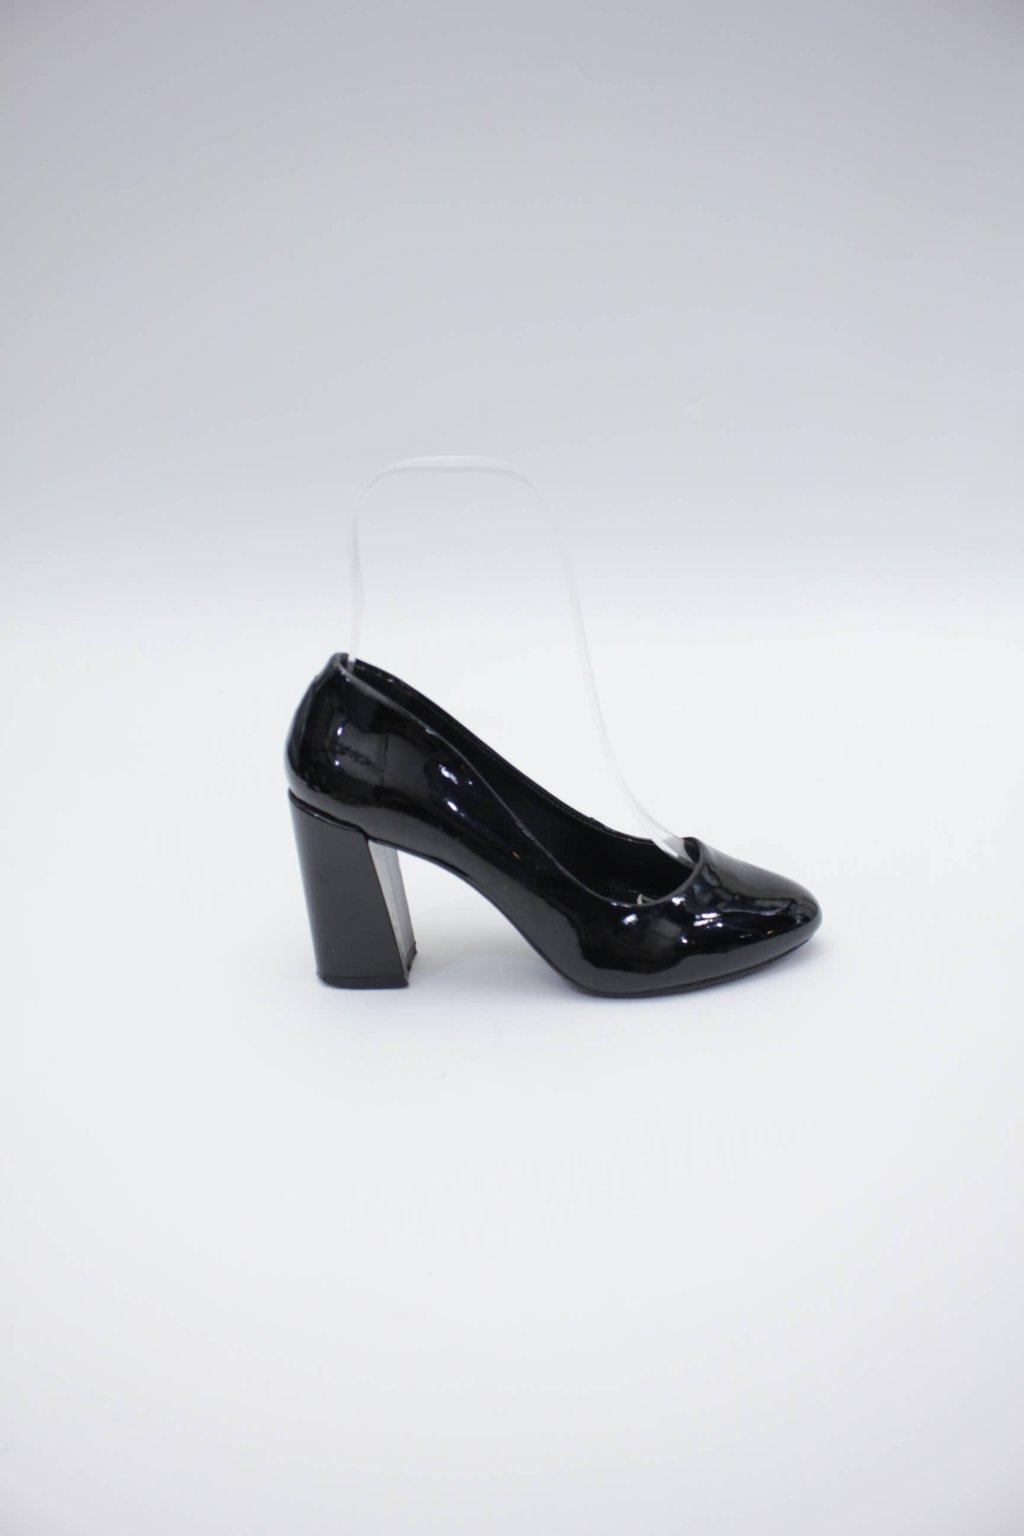 Sapato preto prego